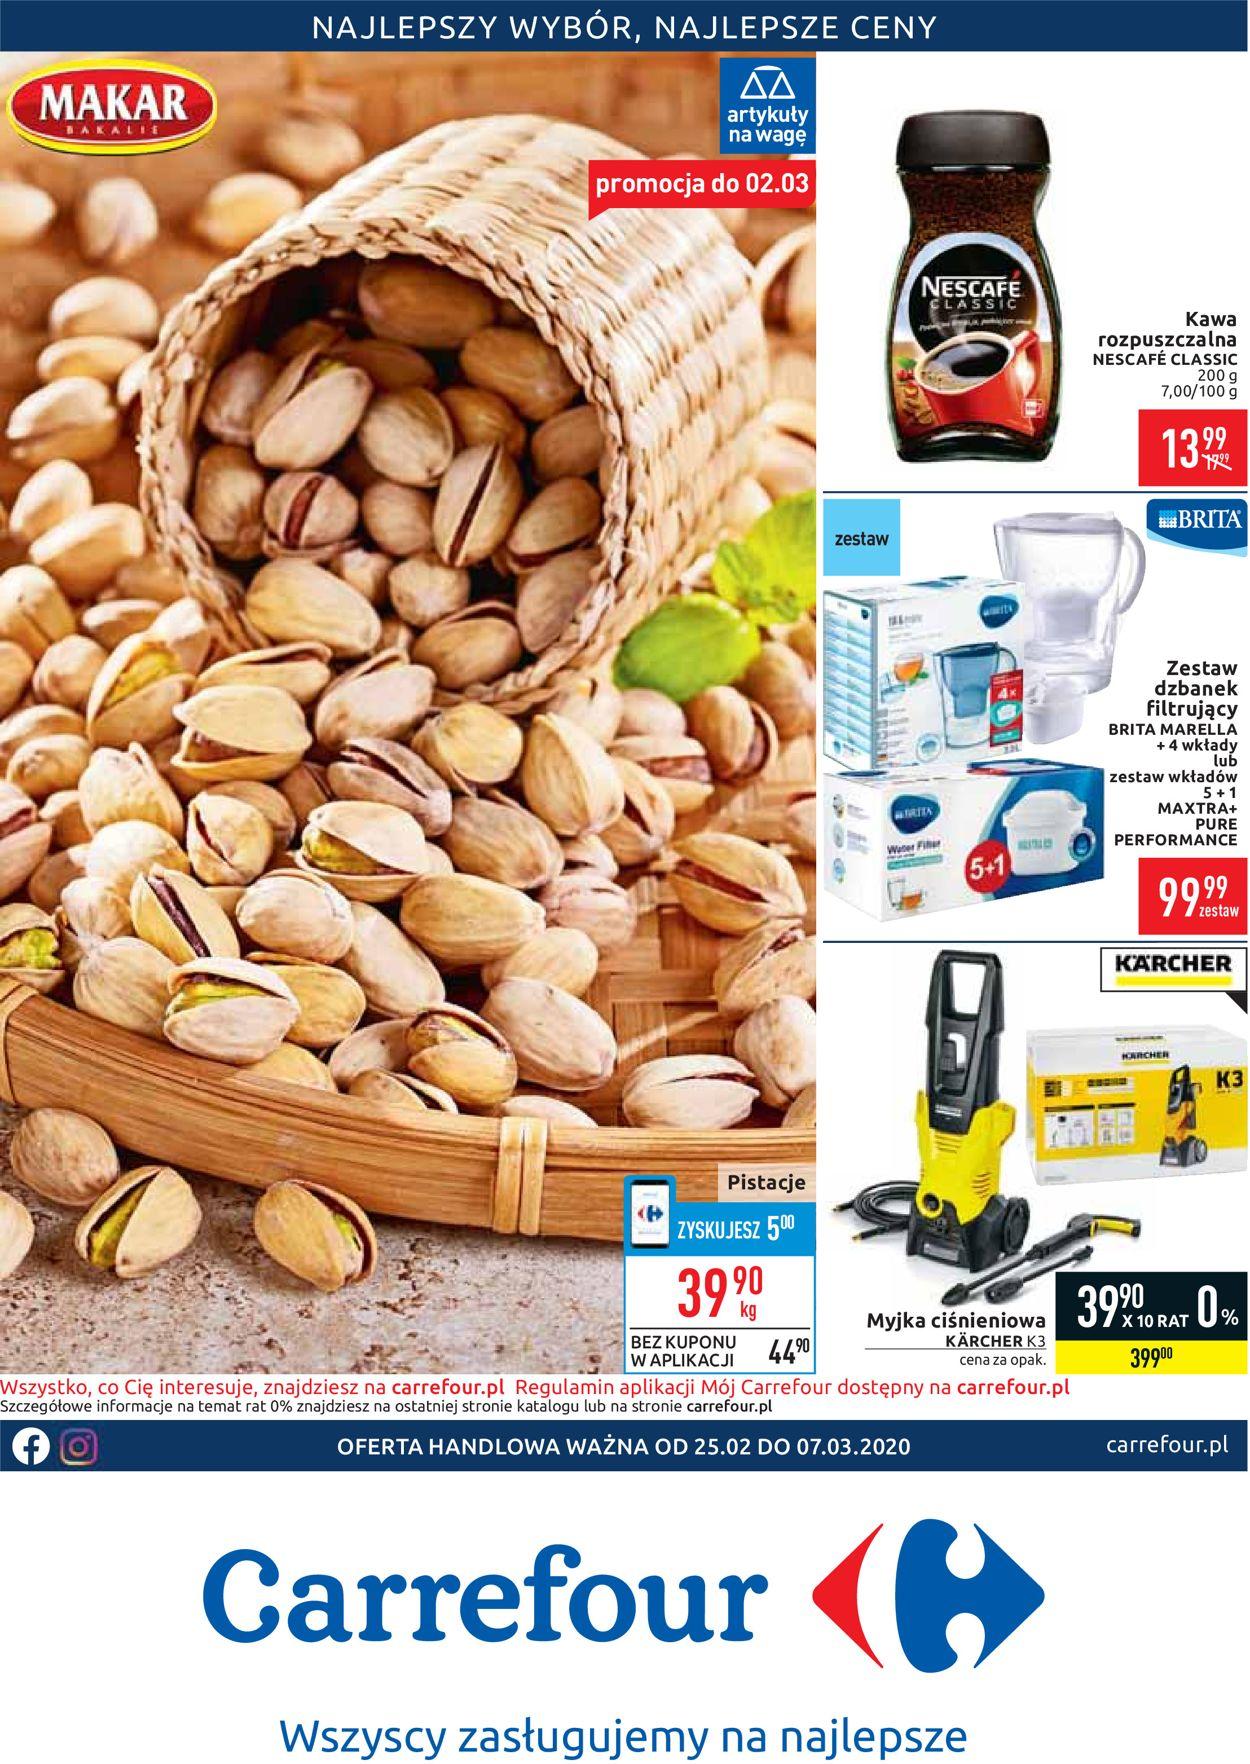 Gazetka promocyjna Carrefour - 25.02-07.03.2020